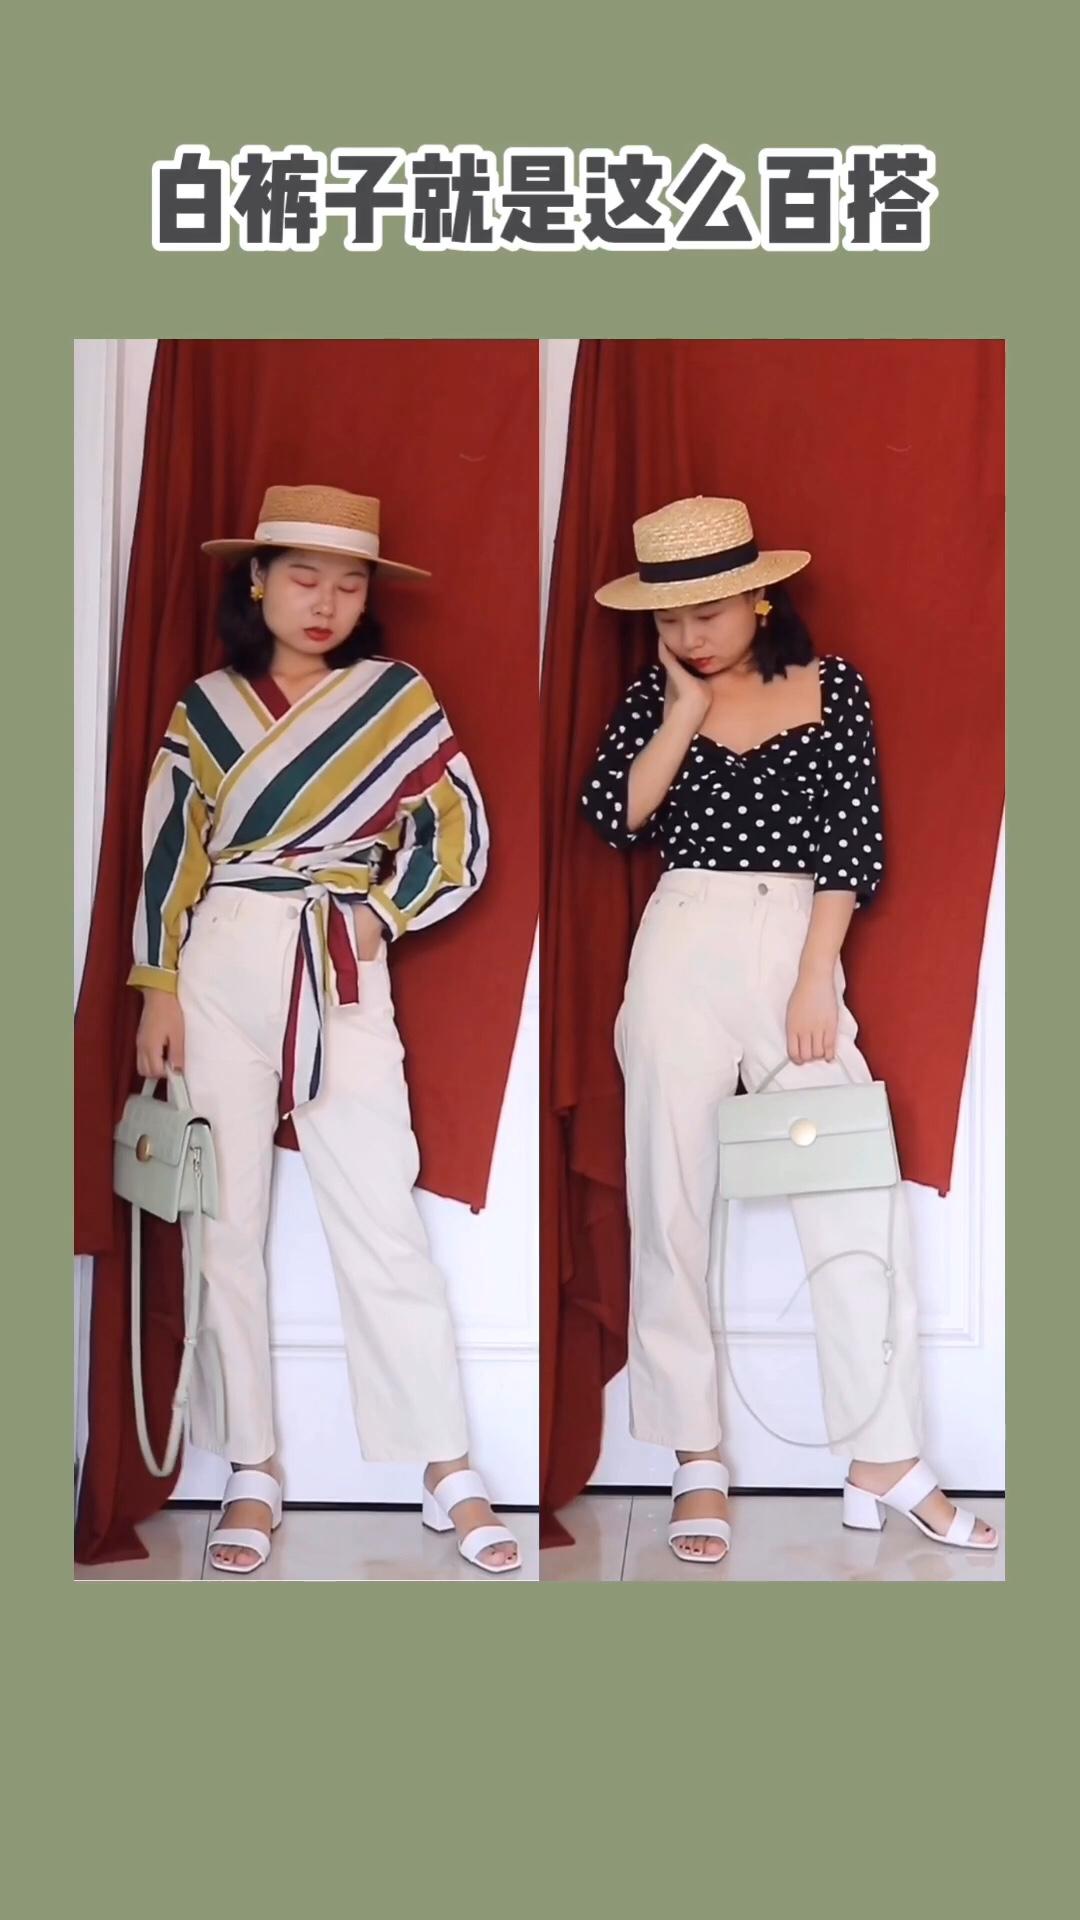 🌟屏幕下方查看商品链接🌟  8⃣️🈷️本期搭配心得: #长高10cm:腰线拉高术!#   本期搭配的是法式上衣和白色直筒裤 重点推荐一下这条裤子,很显瘦,并且是非常好搭配的白色,夏天穿很清新哦~  喜欢请给我点赞❤️哦~